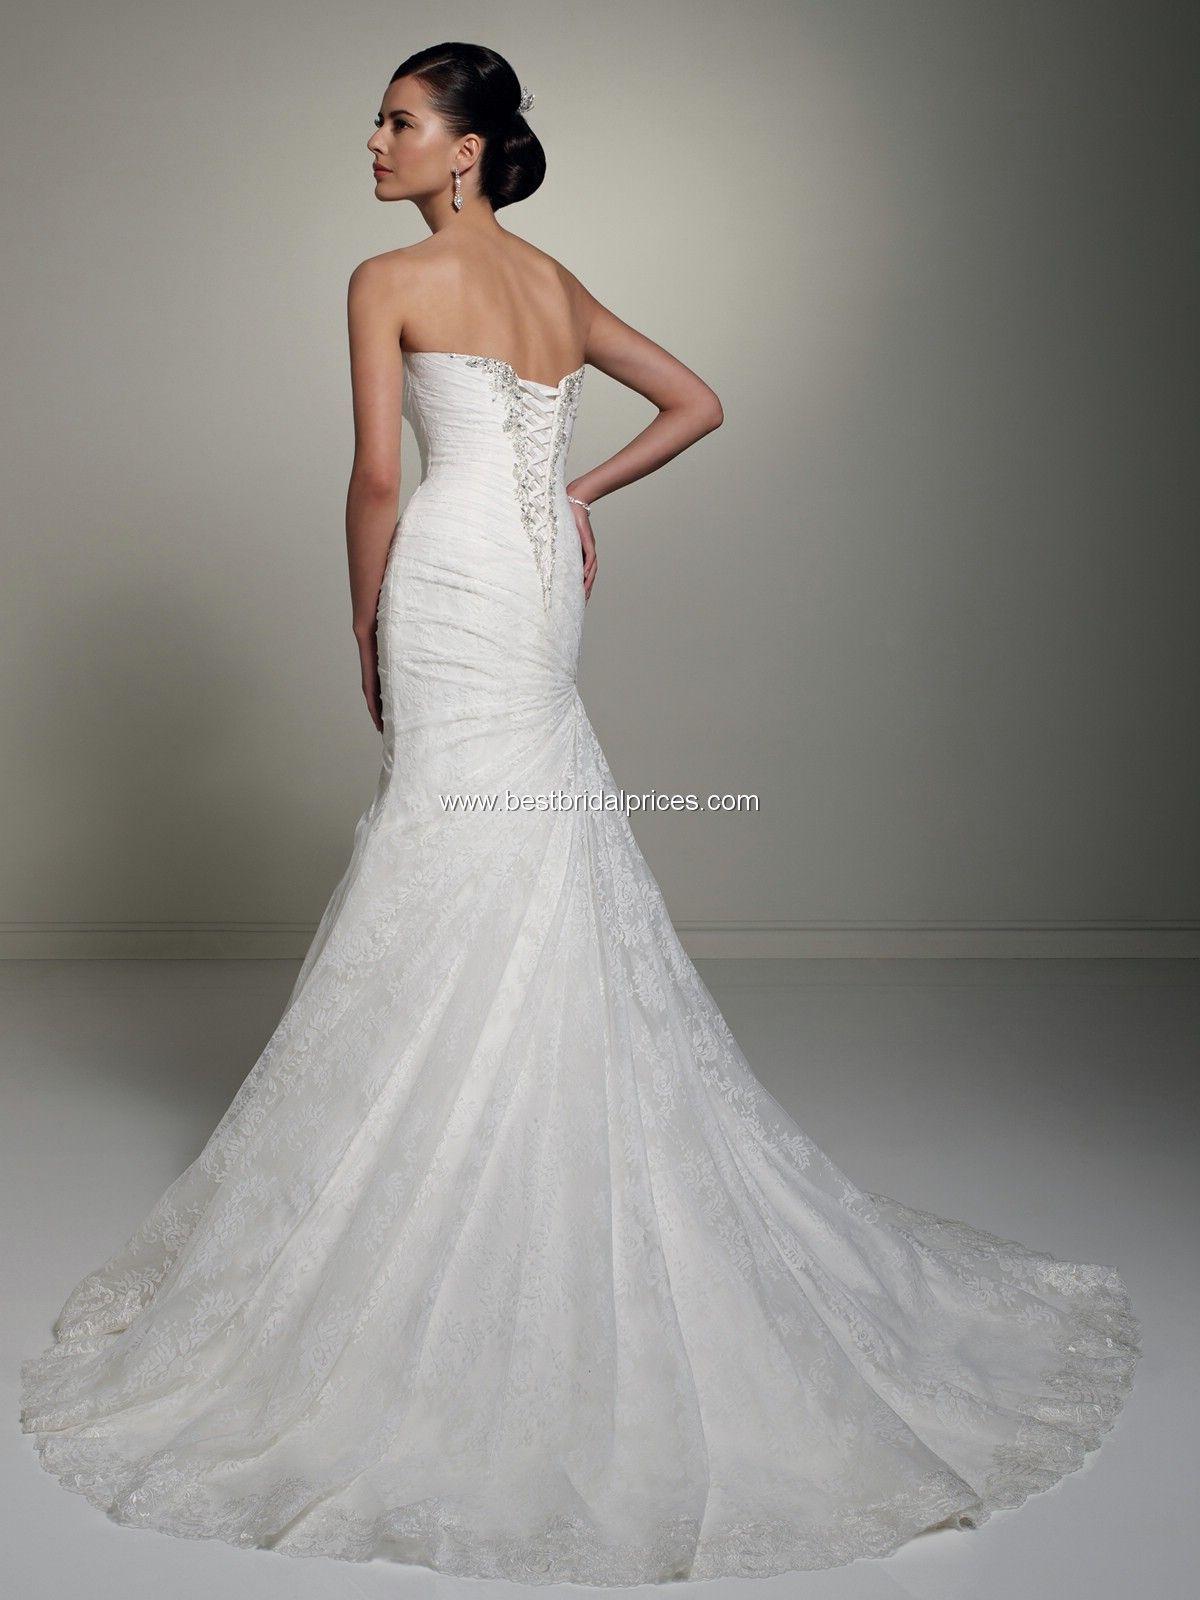 Sophia Tolli Wedding Dresses - Style Olga Y21262 [Olga] - $1,123.00 : Wedding Dresses, Bridesmaid Dresses, Prom Dresses and Bridal Dresses -...